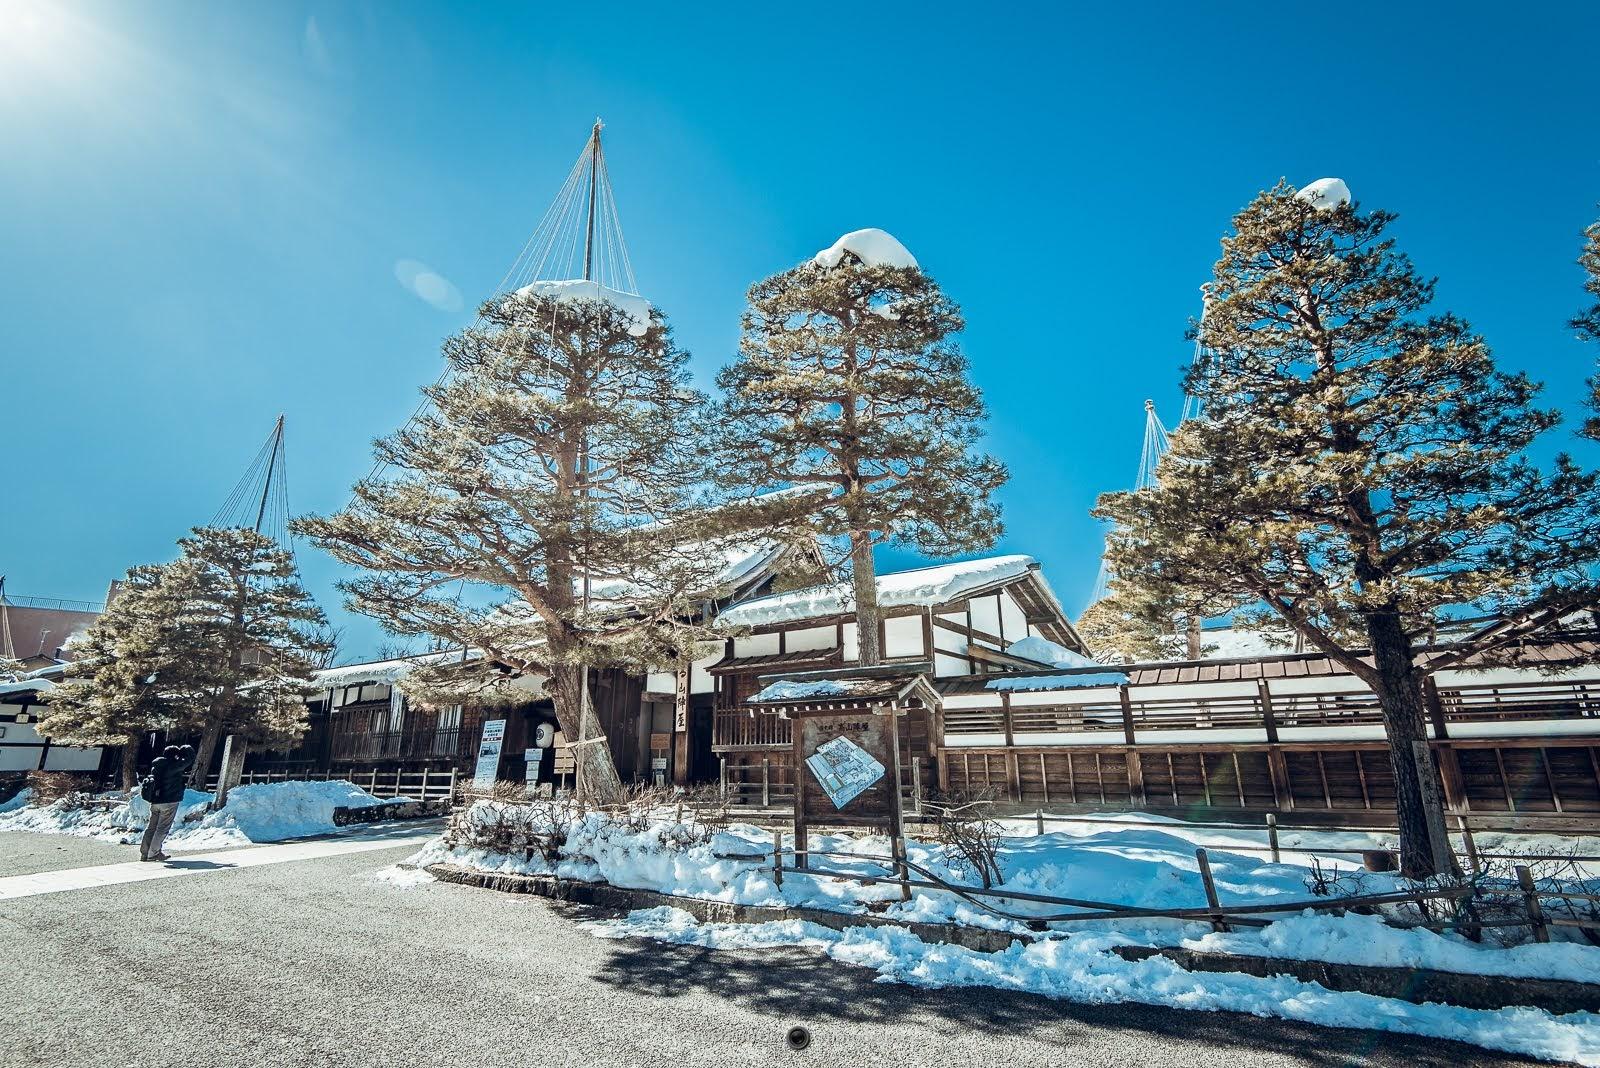 [日本] 高山市一日遊 高山市區4大景點地圖&交通方式 - 大男孩的相機旅行